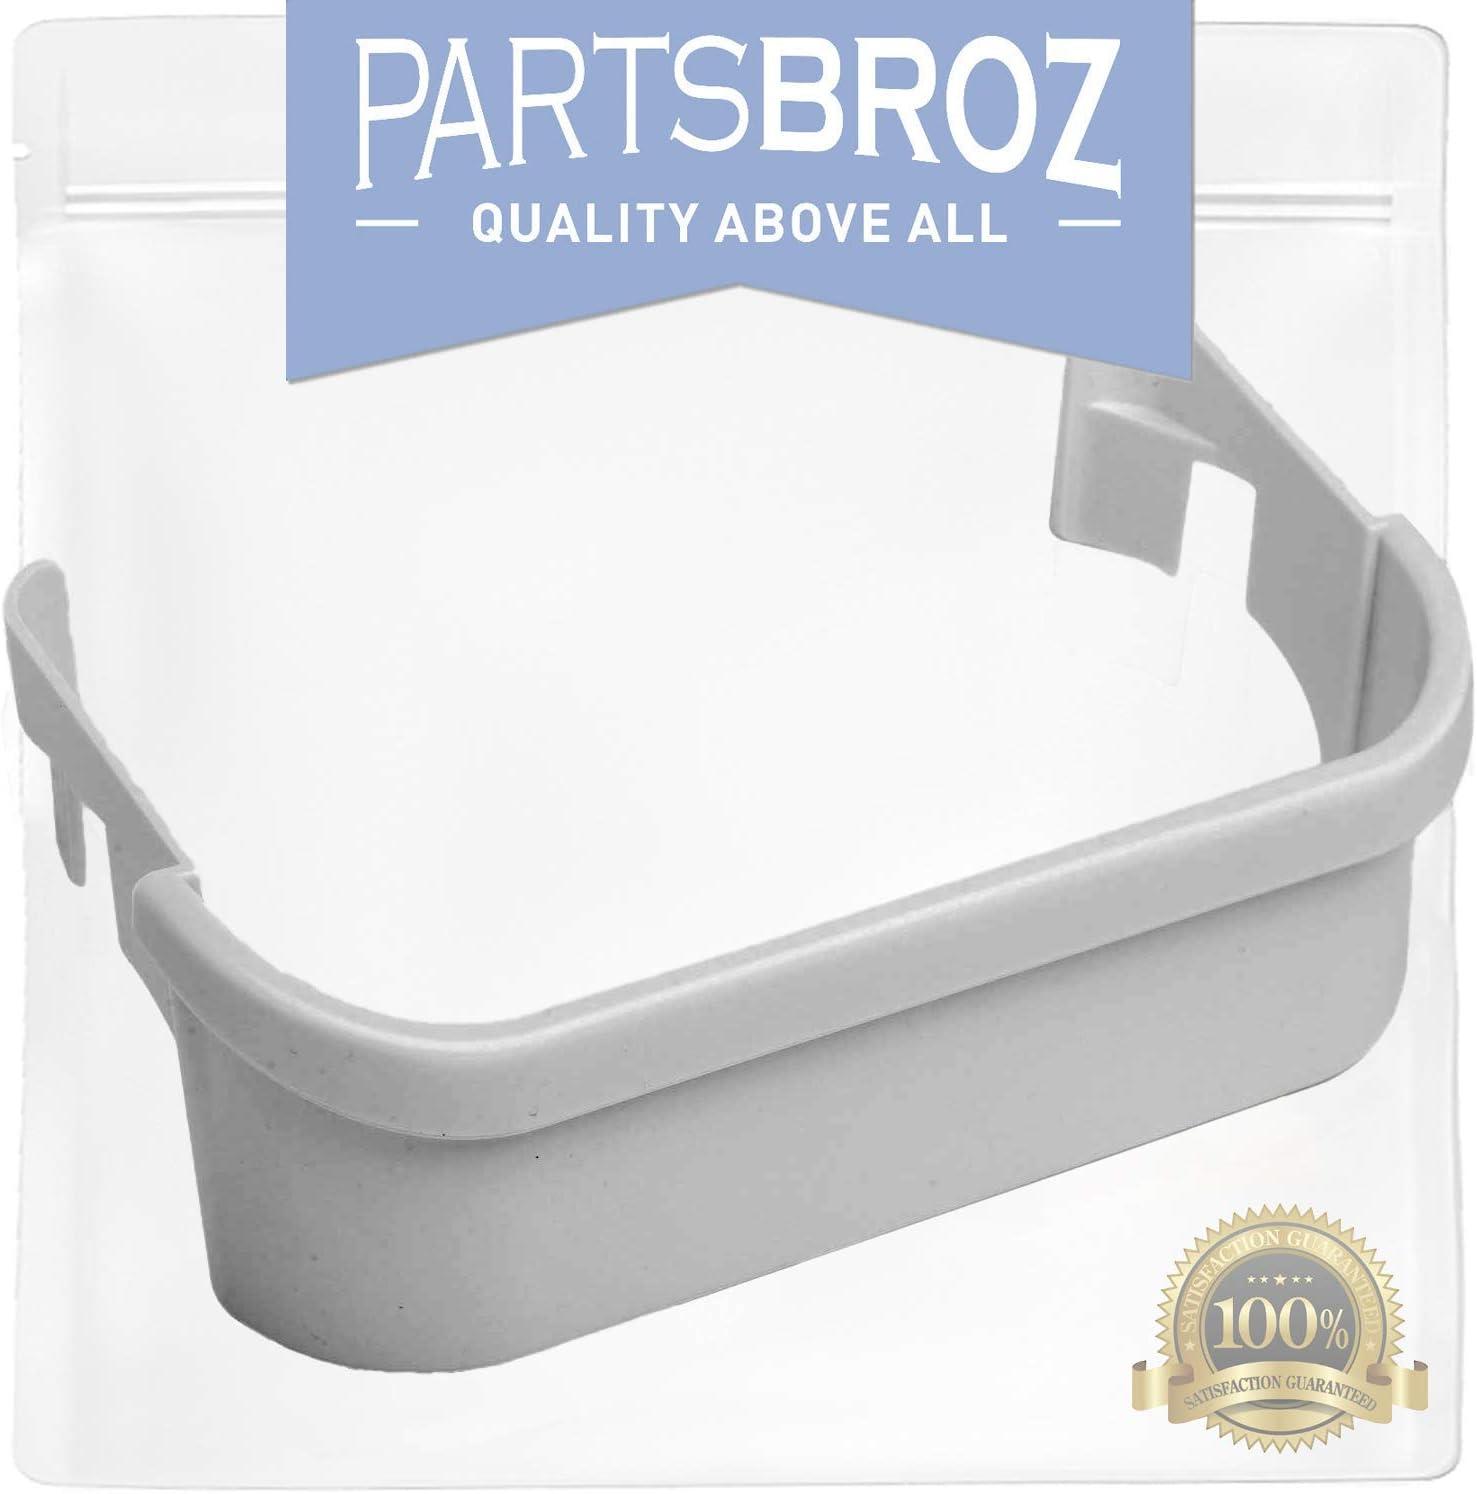 240351601 White Freezer Door Bin for Frigidaire Refrigerator, Freezer-Side Door Shelf Replacement by PartsBroz - Replaces AP2115974, 240351607, 891154, AH430027, EA430027, PS430027 61kue3TZEAL